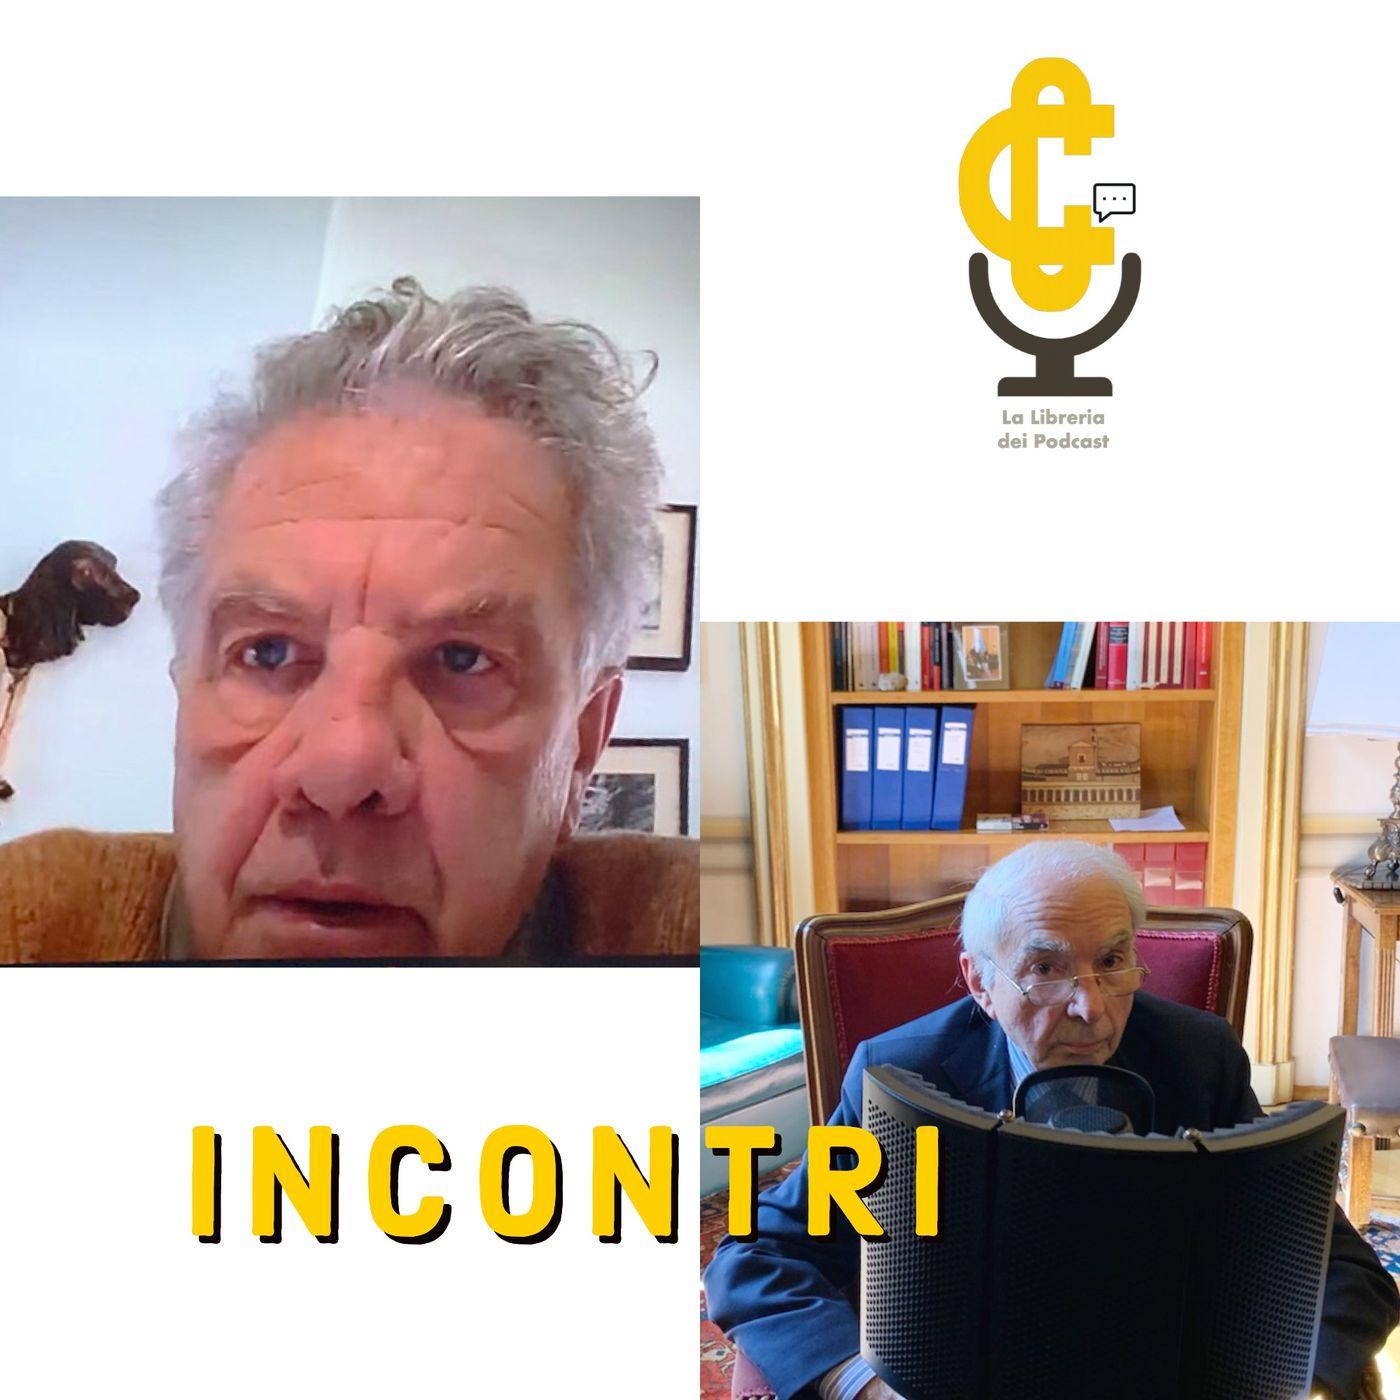 Franco Marcoaldi e Giuliano Amato Le parole della Costituzione, il decadimento del linguaggio pubblico e il dovere della riparazione